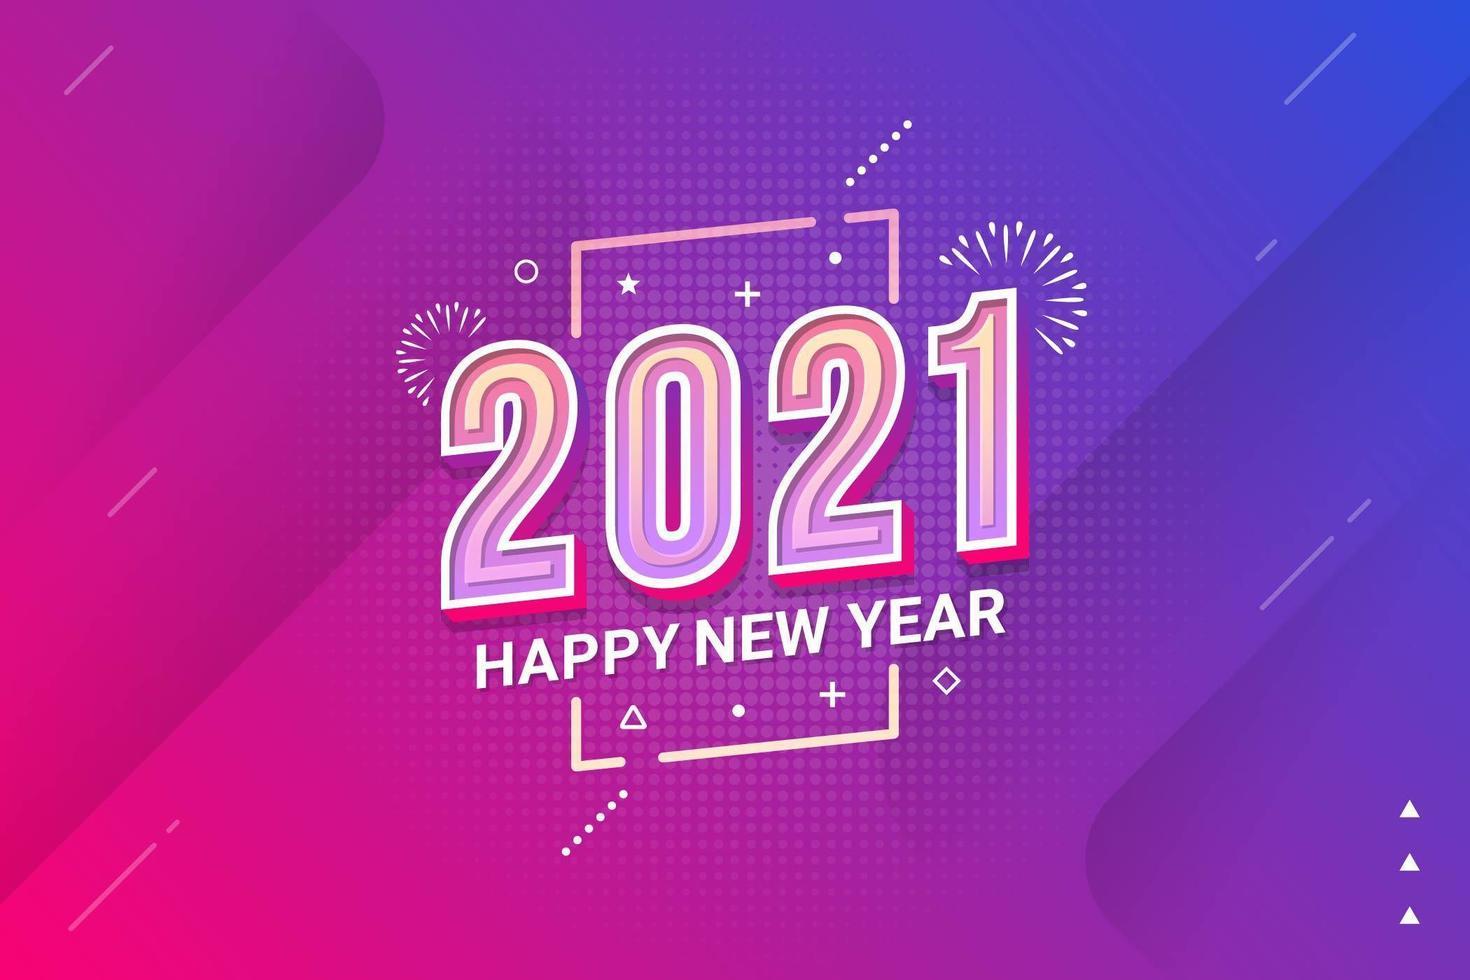 felice anno nuovo 2021 poster di tipografia vettore